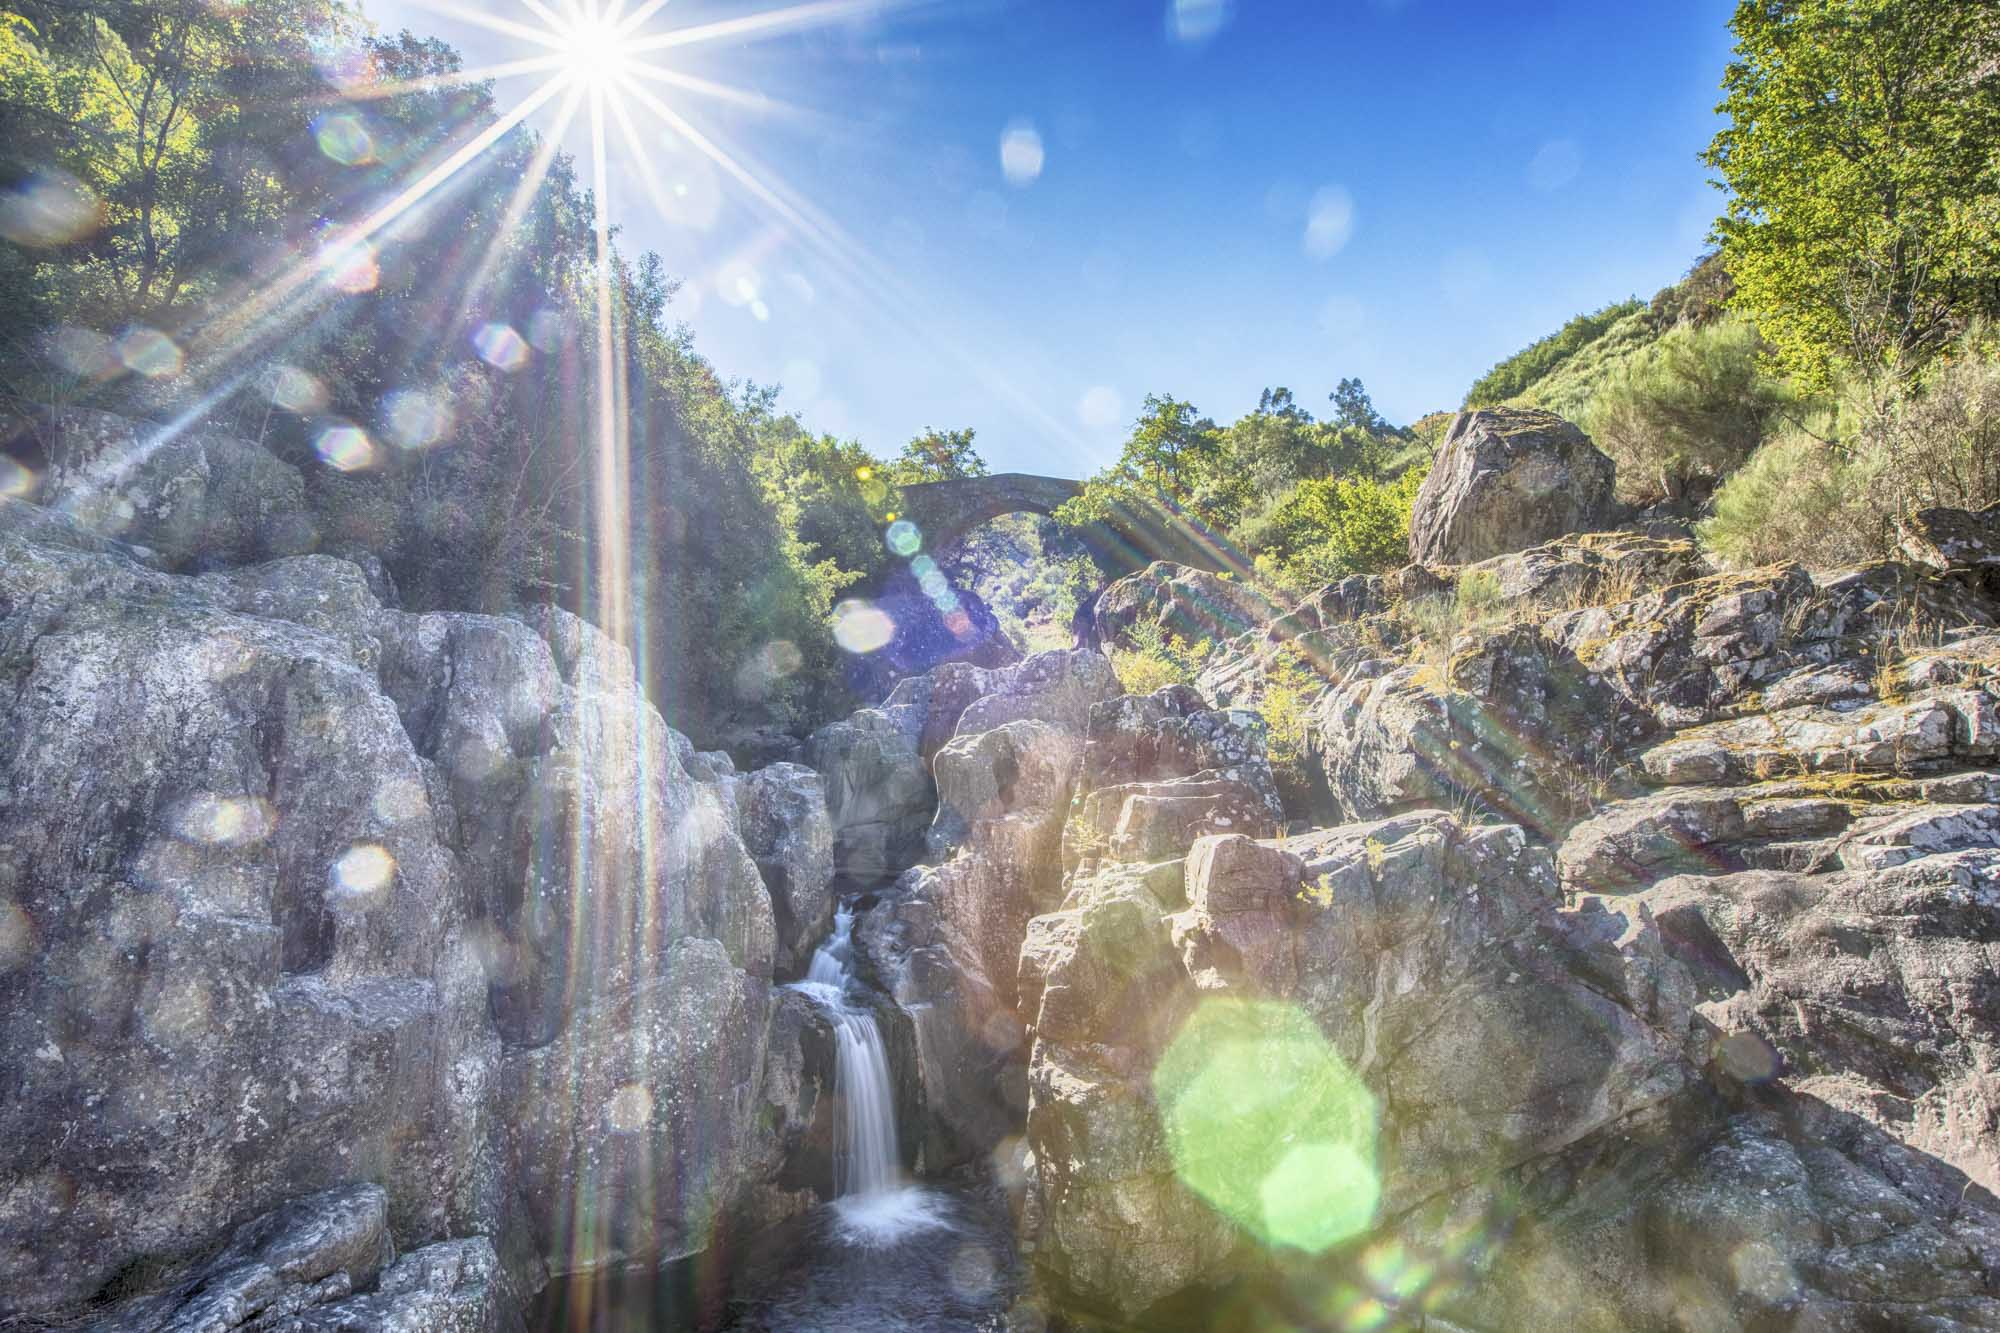 Portugal, Nord-Portugal, Region Montalegre, Parque Nacional da Peneda Gerês, Nationalpark, Cabril, Ponte da Misarela. Die Misarela Brücke aus dem Mittelalter führt über den Fliss Rio Rabagão